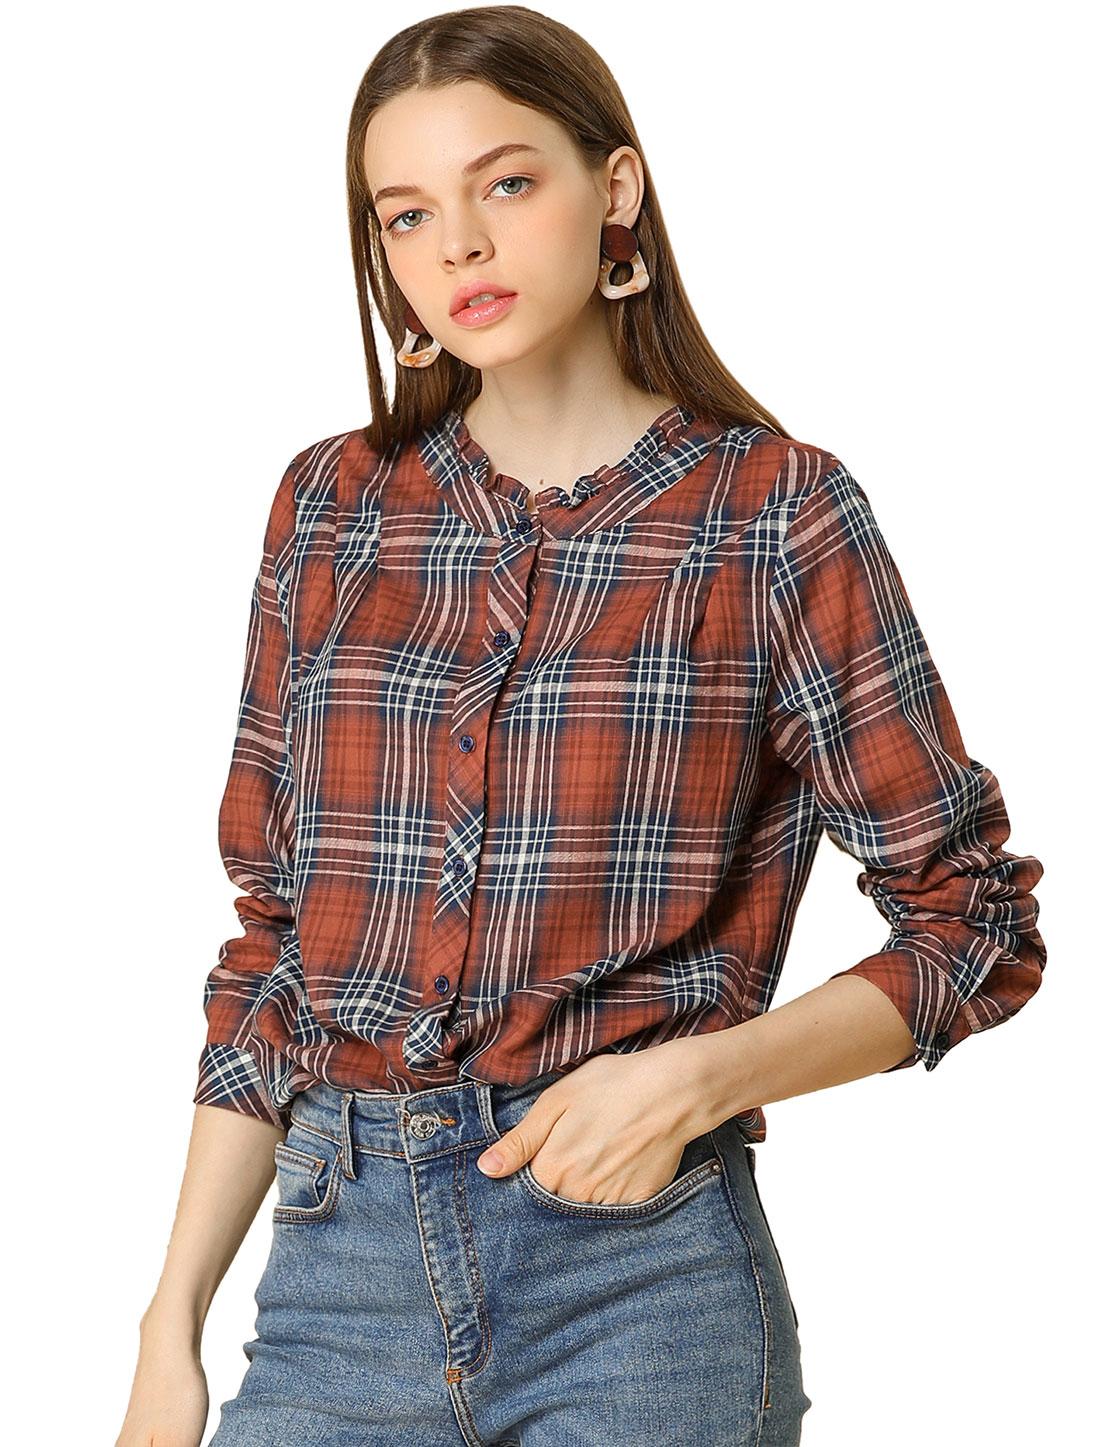 Allegra K Women's Fall Blouse Long Sleeve Ruffle Neck Plaid Shirt Red XL